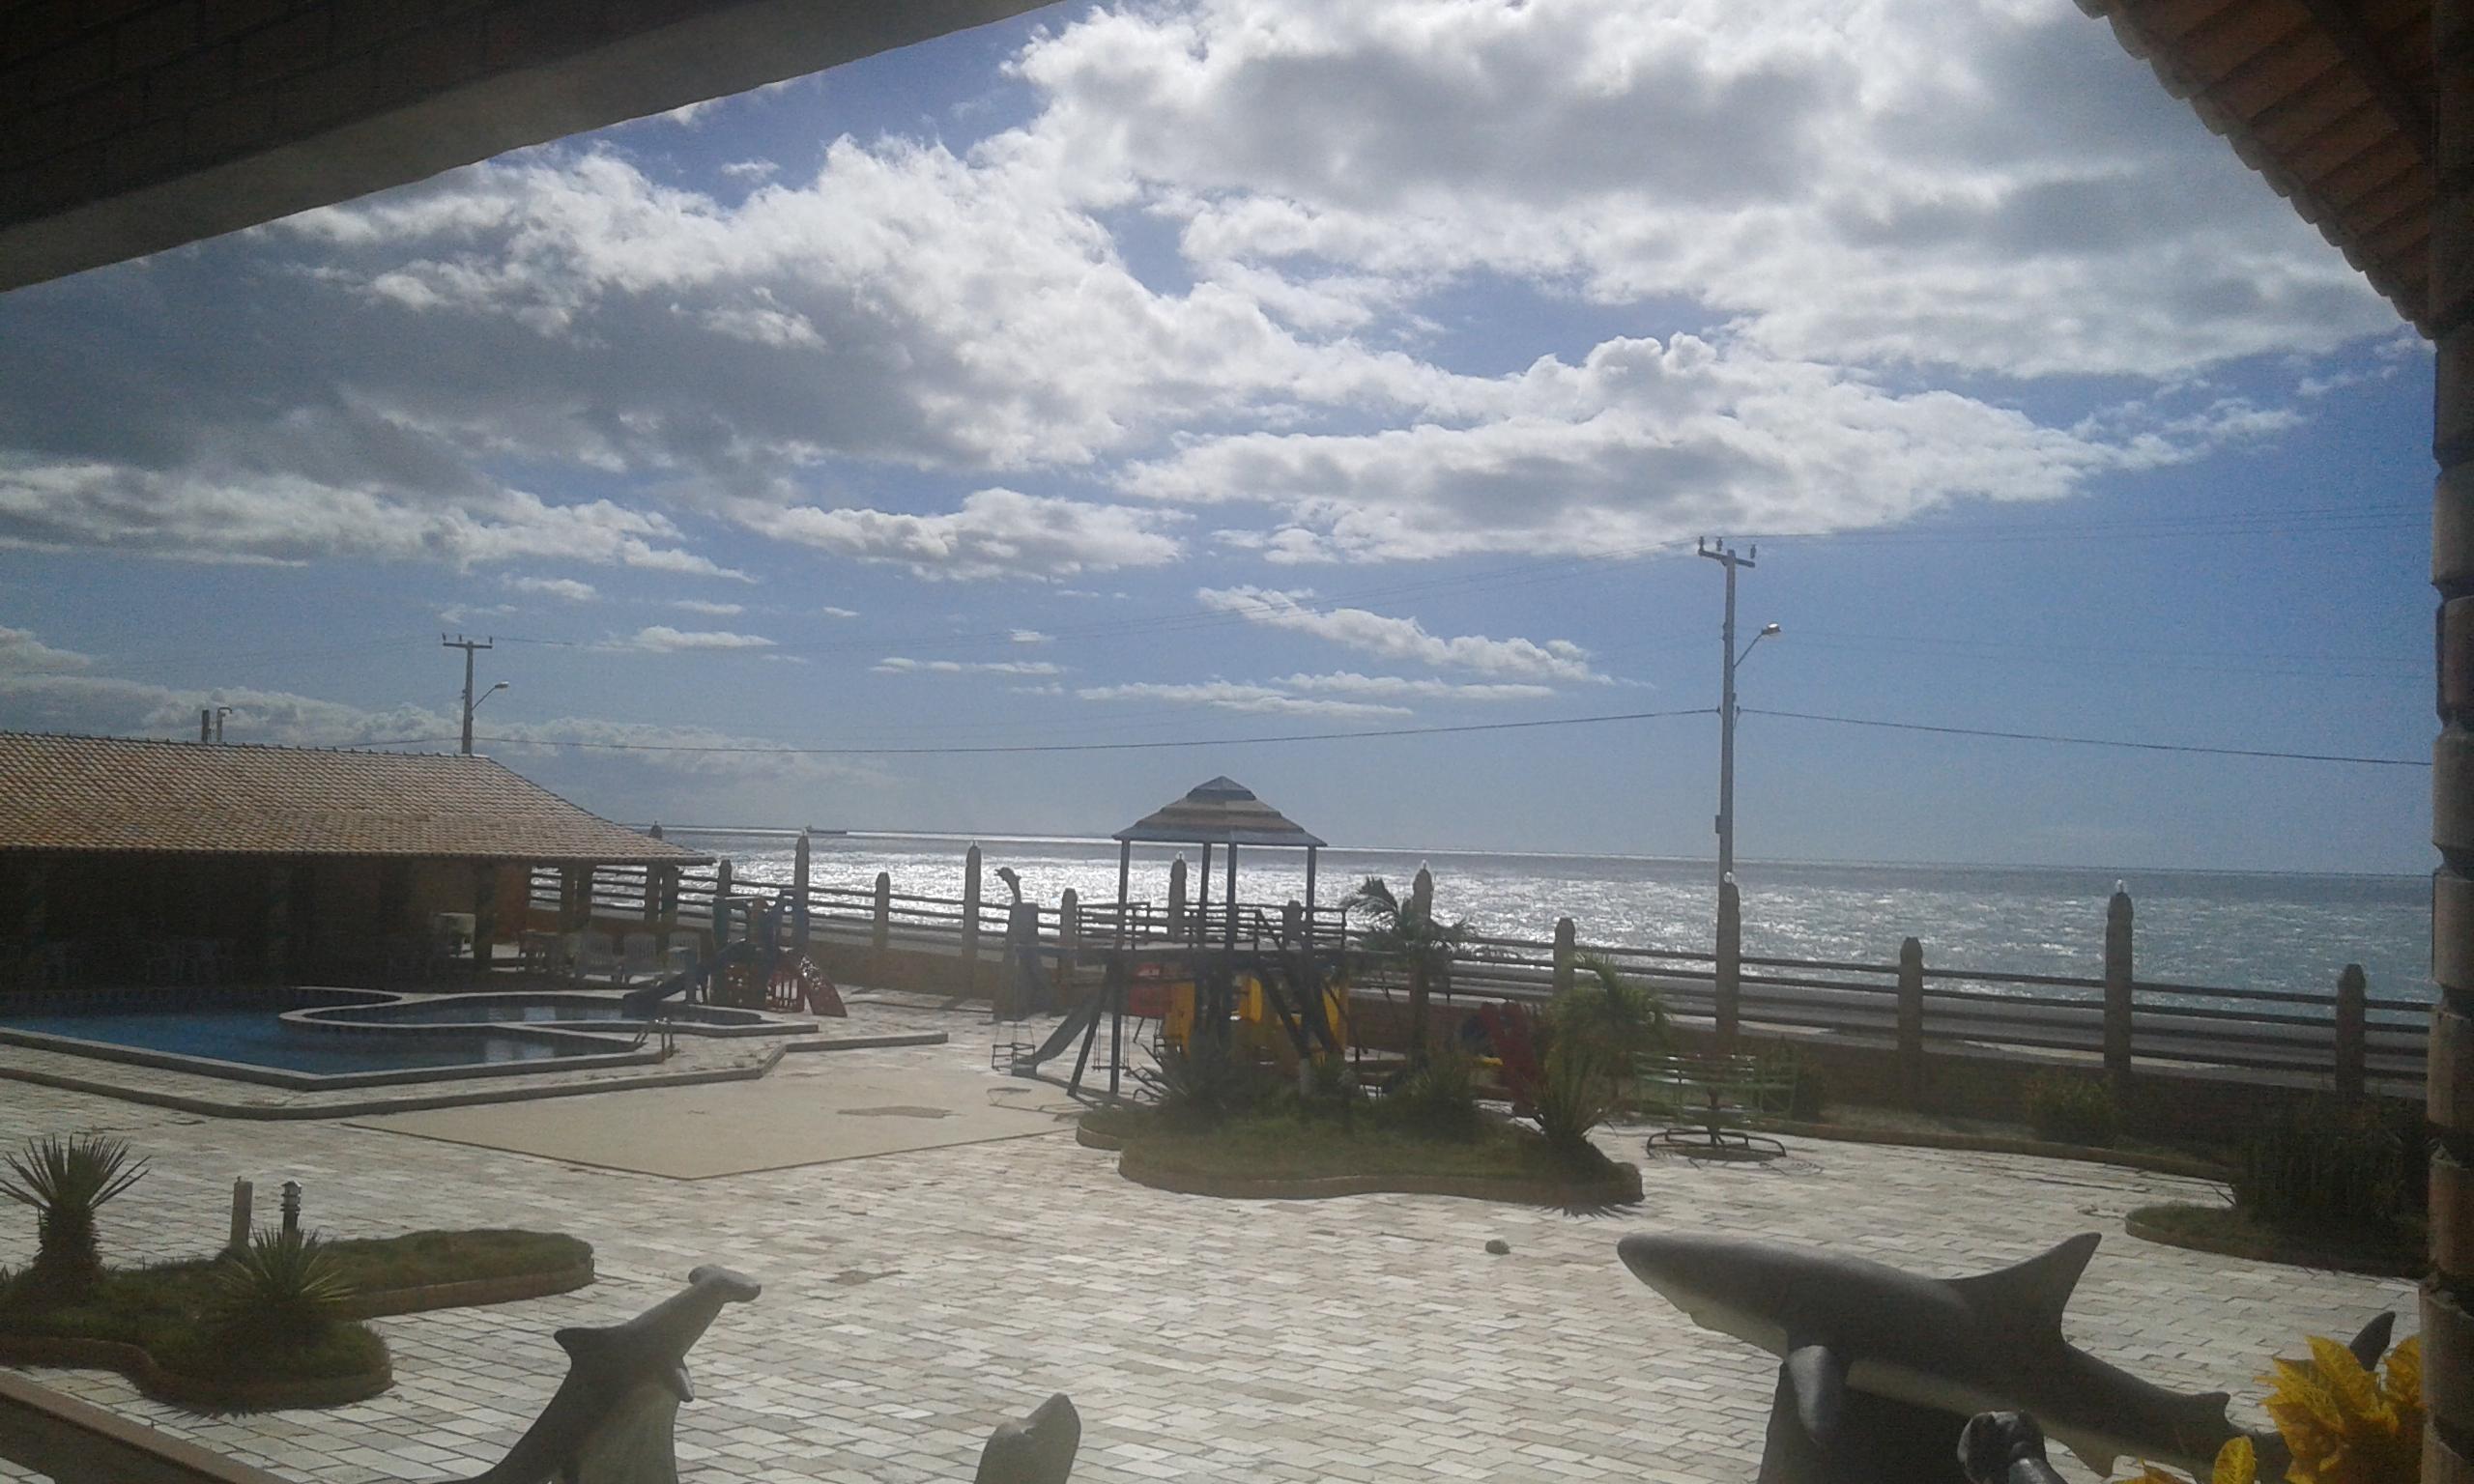 Le secteur de loisir d'hôtel Costa do Atlàntico qui devra être plein de gens durant le match Brésil -Chili pour les huitièmes de finale. (Crédit photo: Fabio Santana).